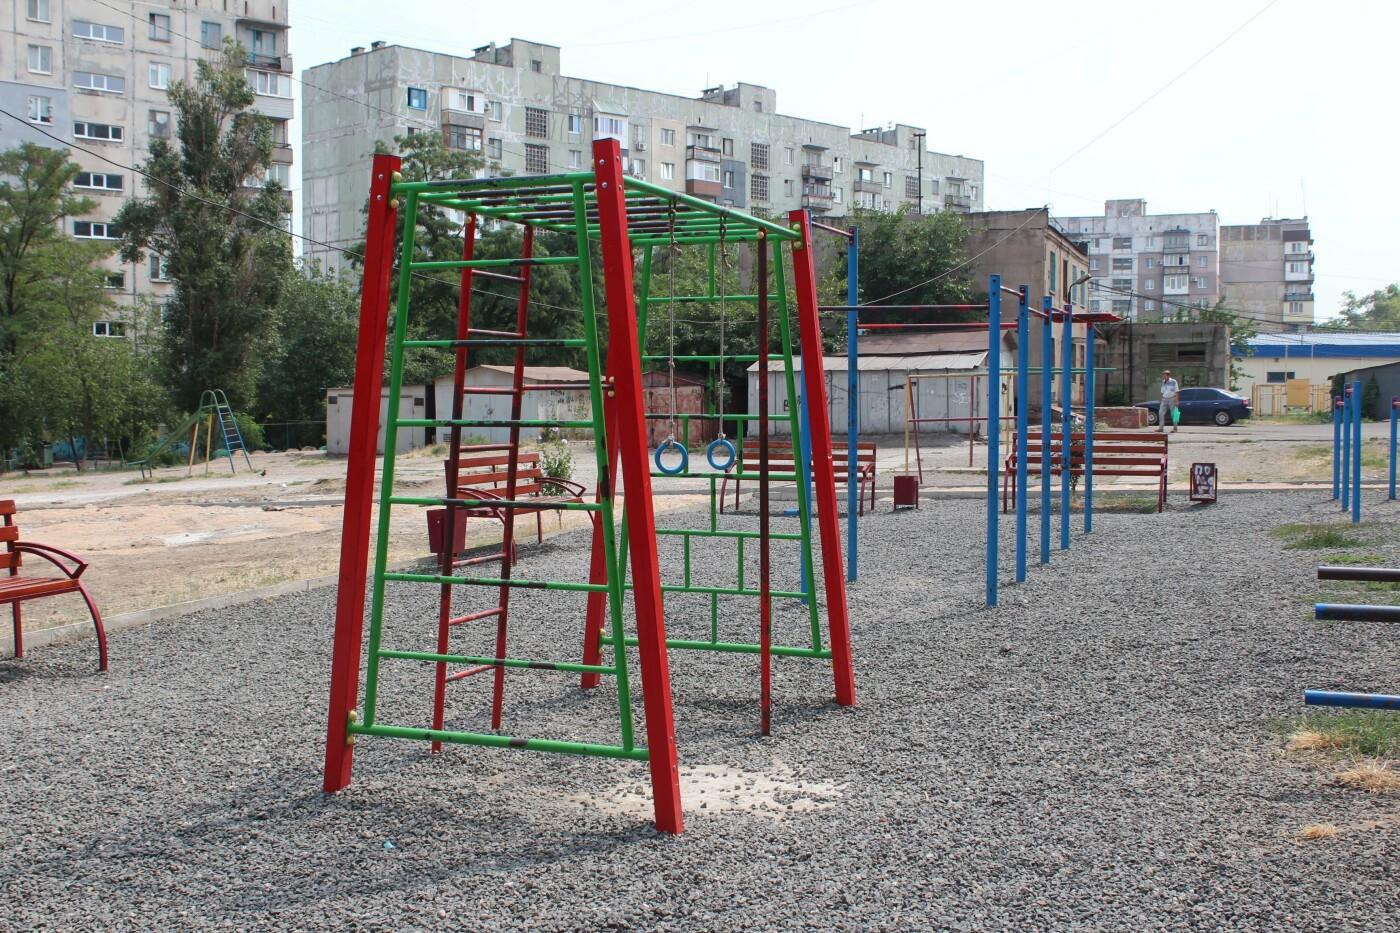 Наші діти – наше майбутнє. Облаштування дитячих і спортивних майданчиків у вашому місті  , фото-5